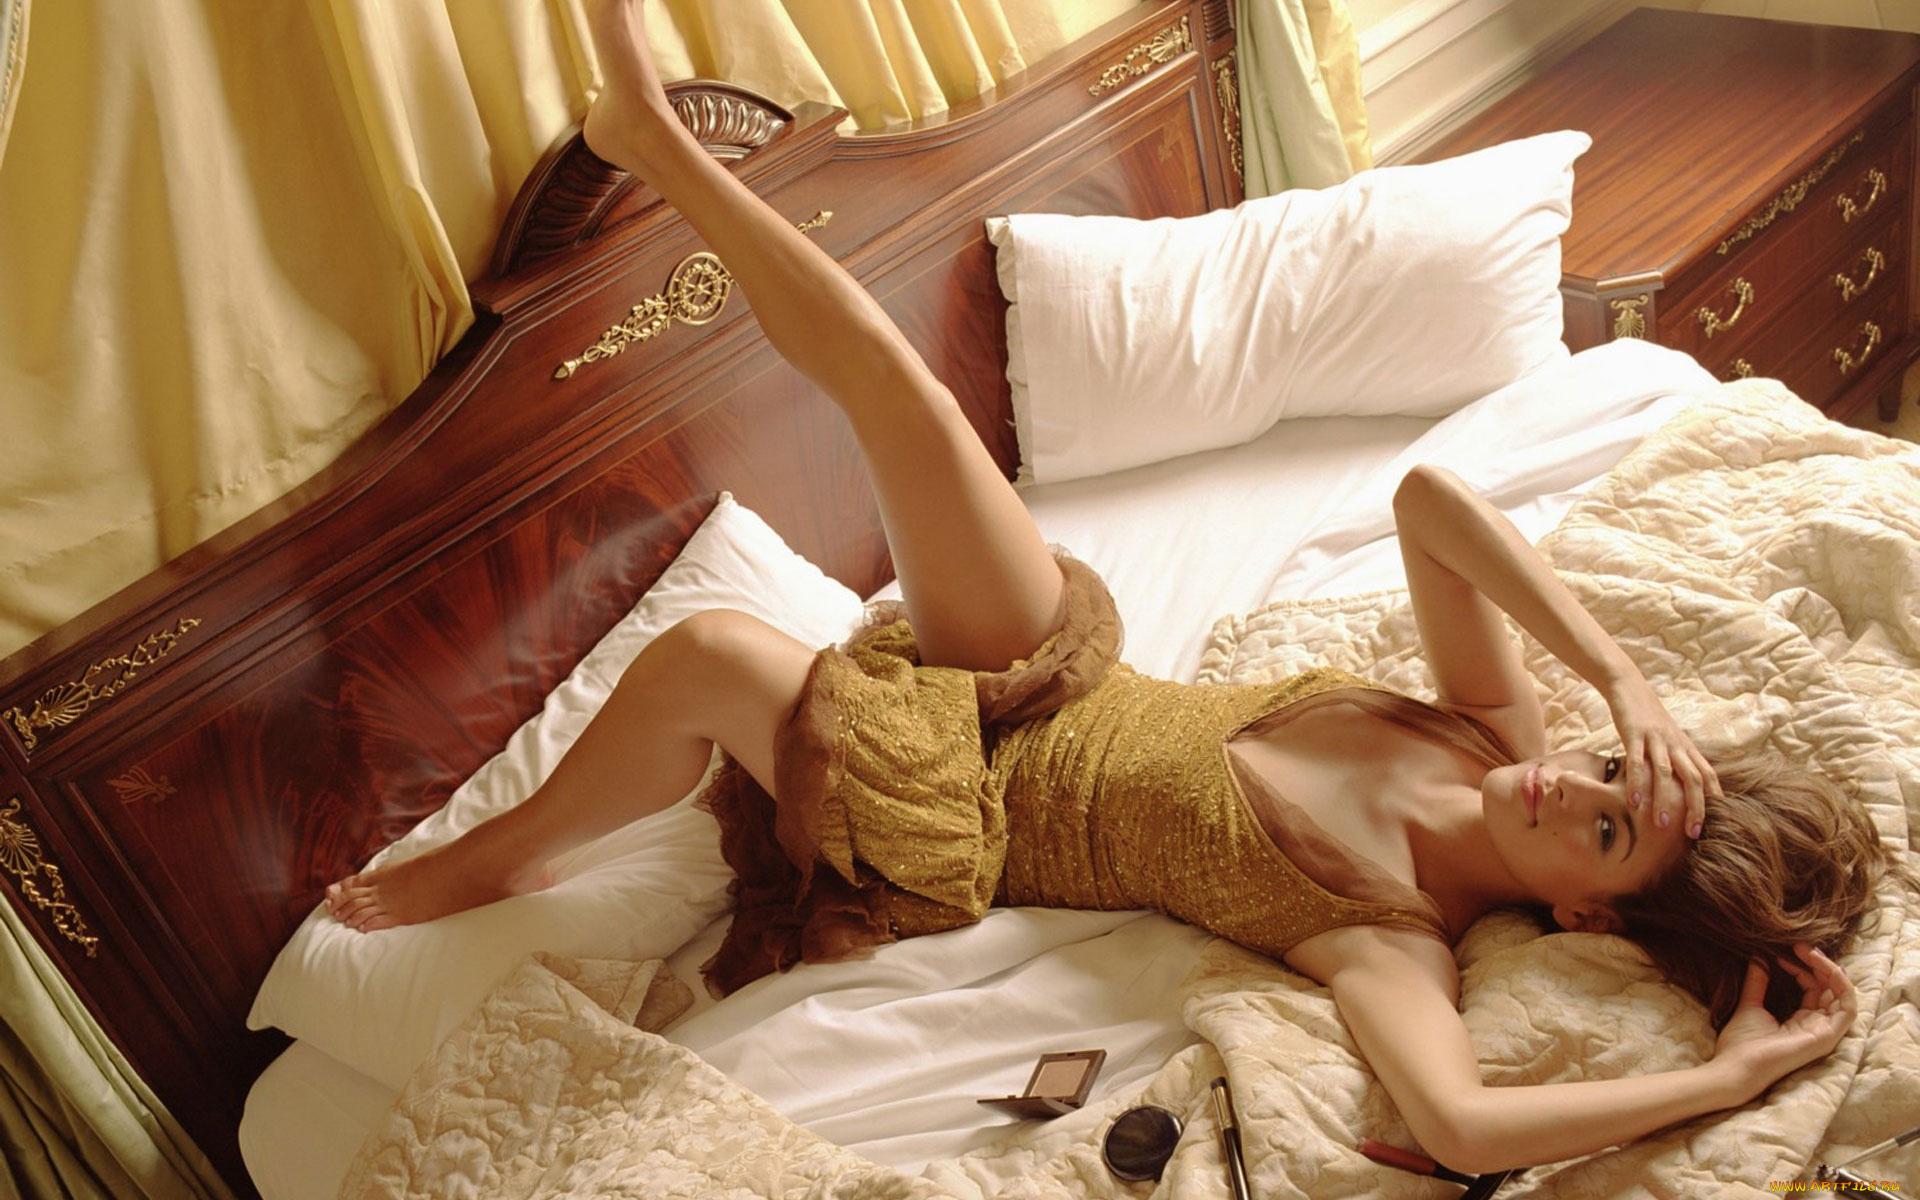 бантами, мама лучшие женщины в постели володя